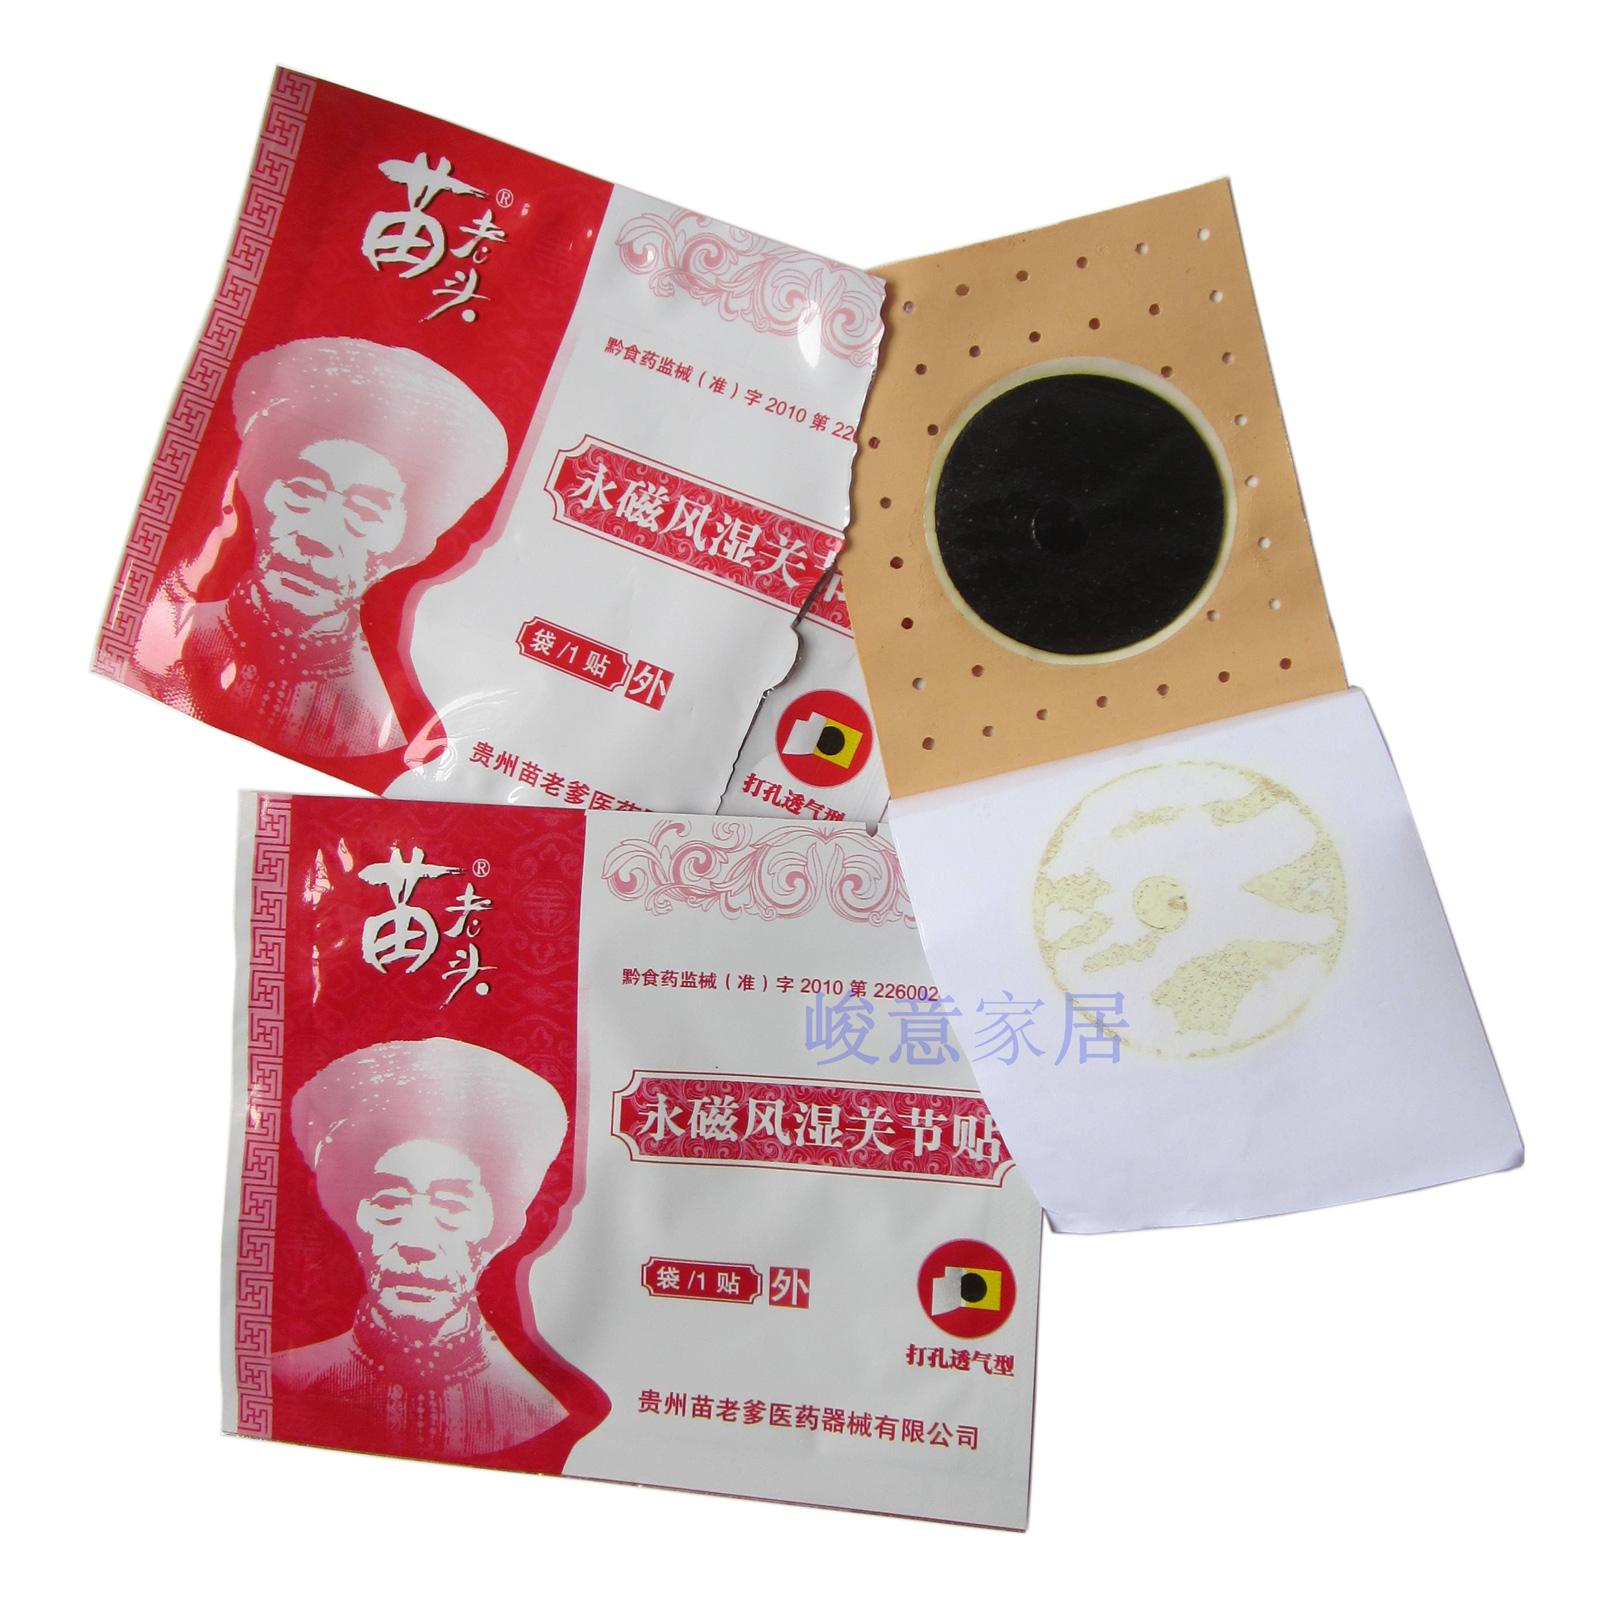 Гуйчжоу Мяо Торре/Мяо человек пасты «купить 2 получить 1 бесплатно купить 5 получить 3 бесплатно» 4, монтажа в общей сложности 5 выбранных саженцев старой штукатурки